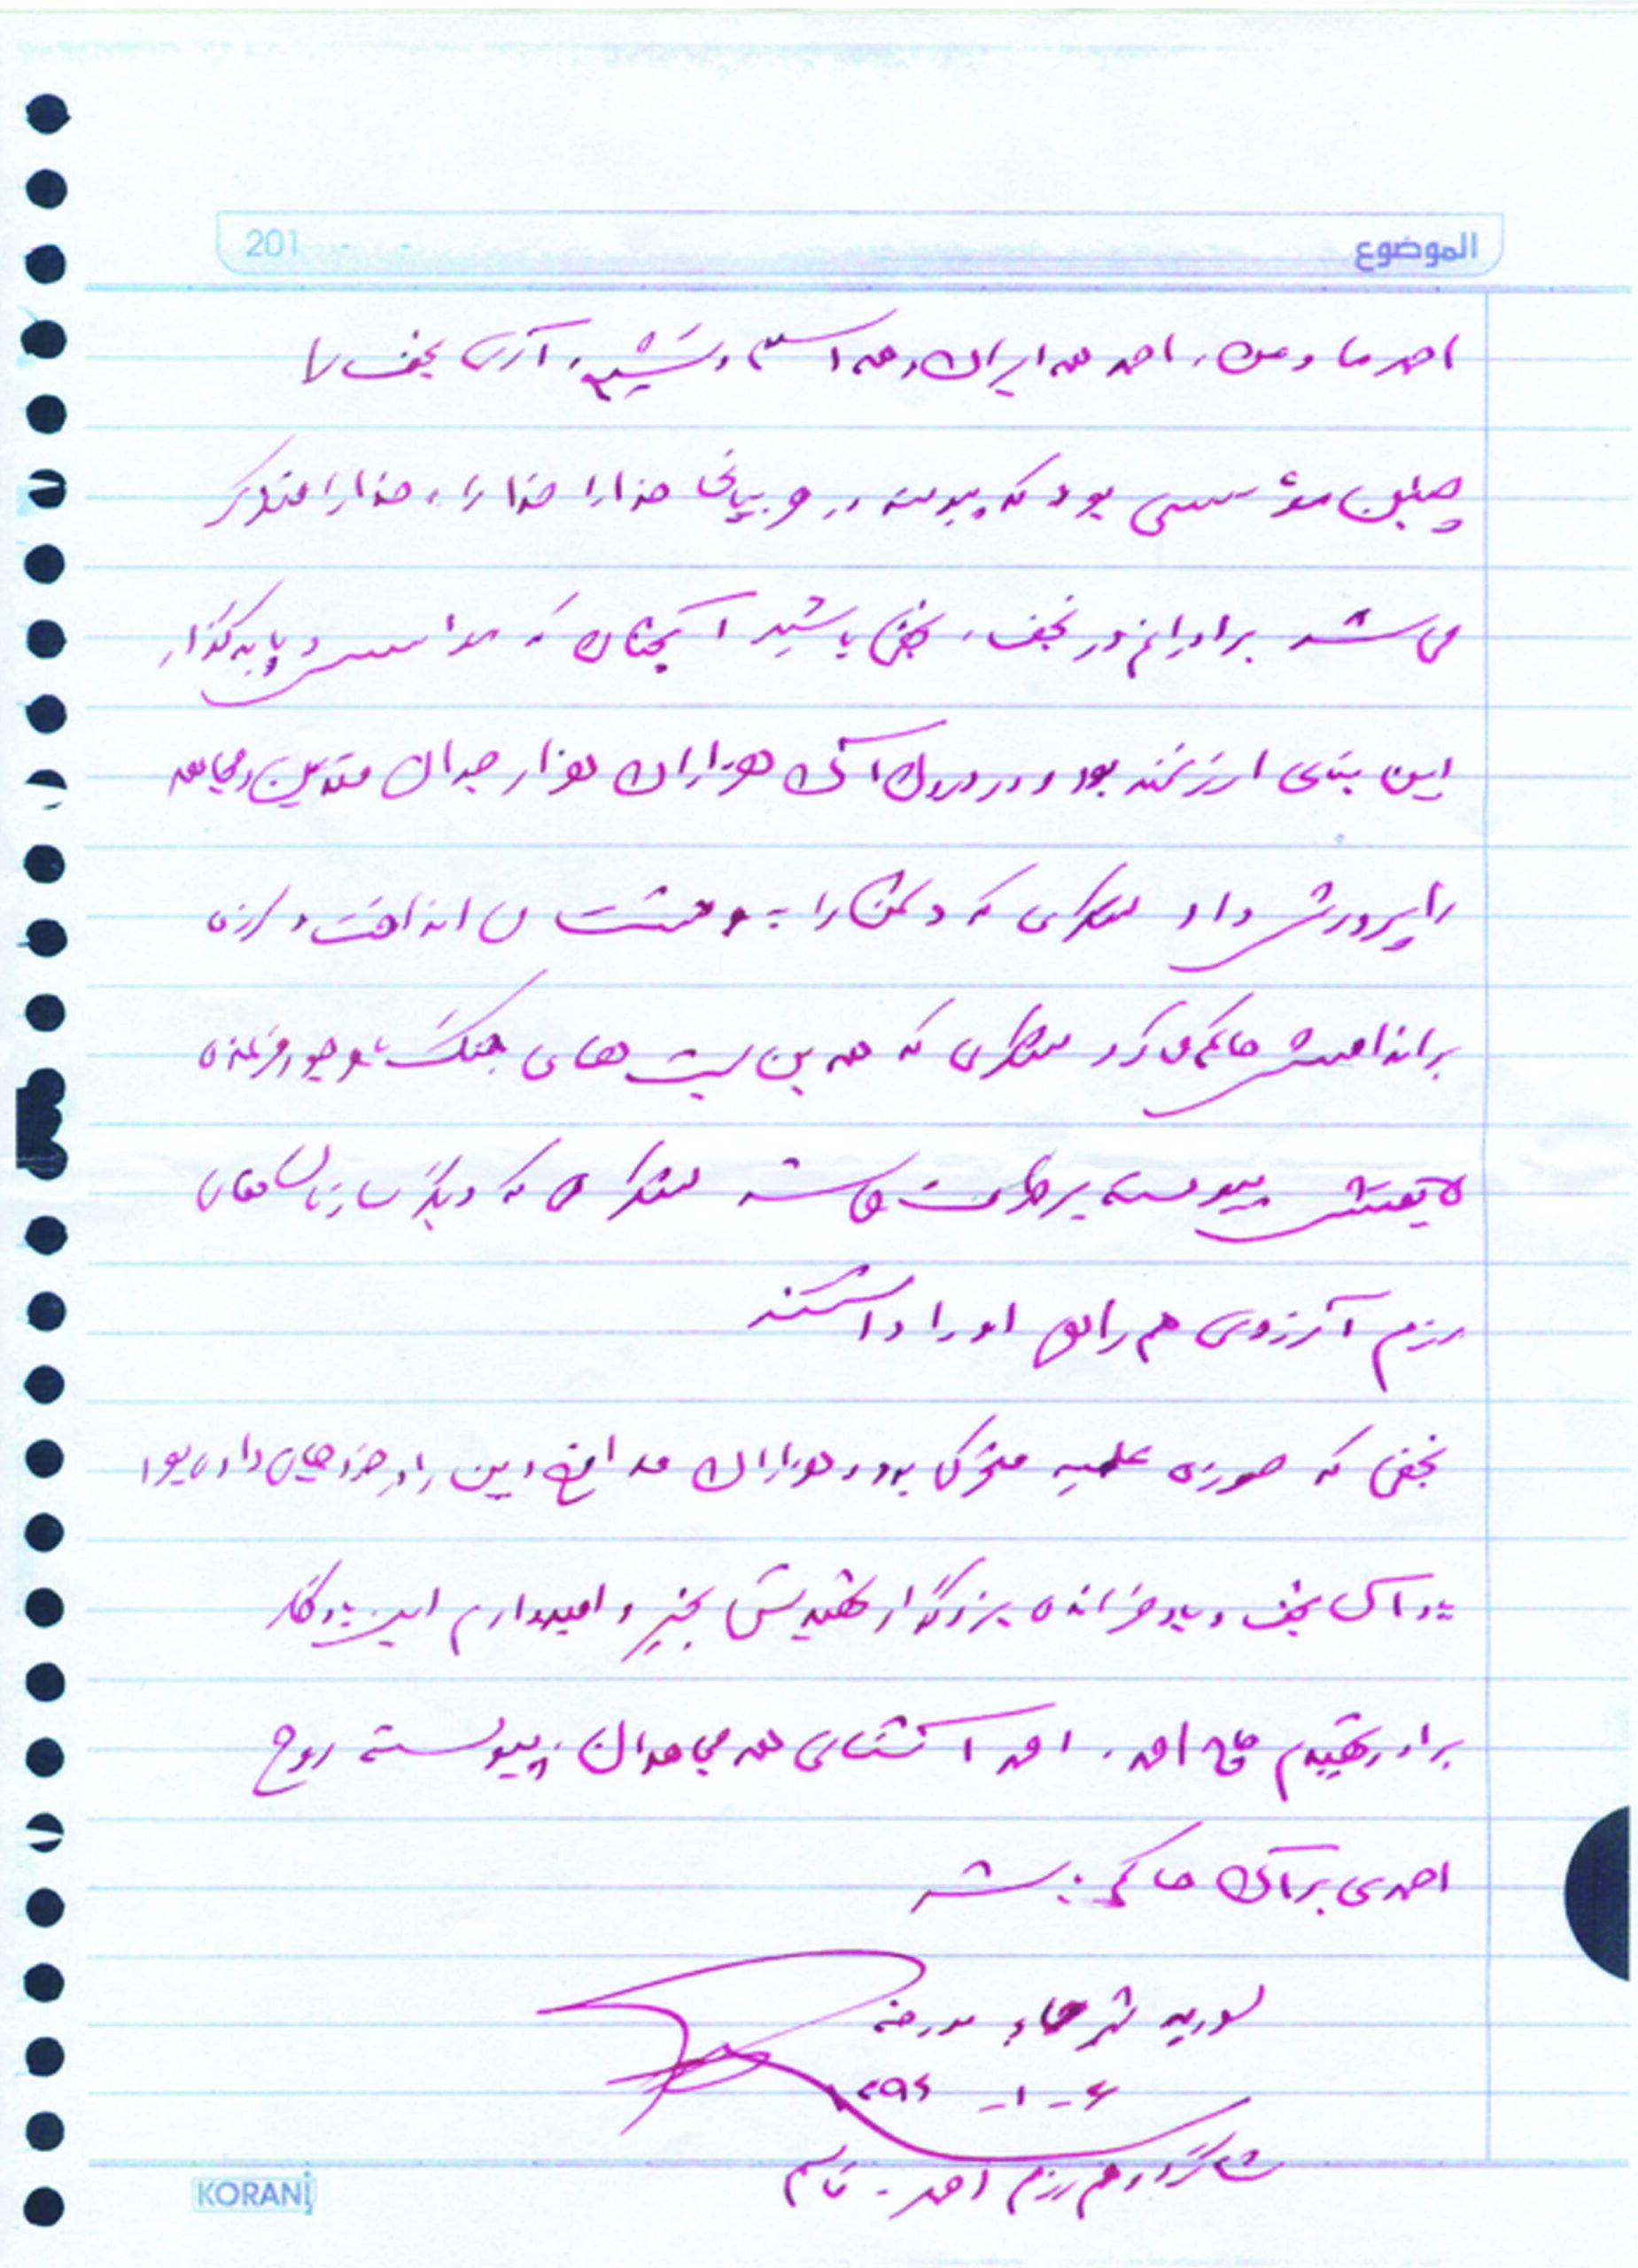 دست نوشته قاسم سلیمانی برای احمد کاظمی و لشکر۸